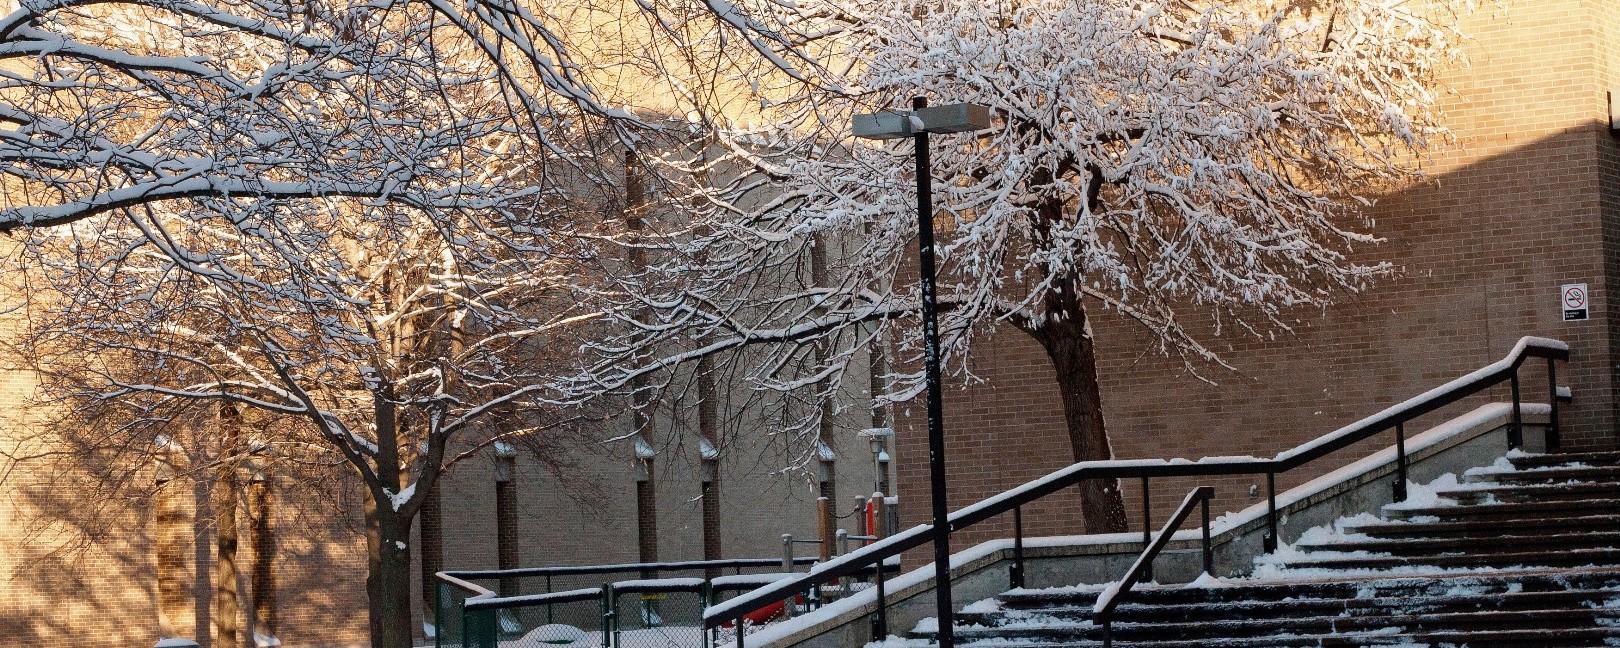 Winter at UW-Stevens Point